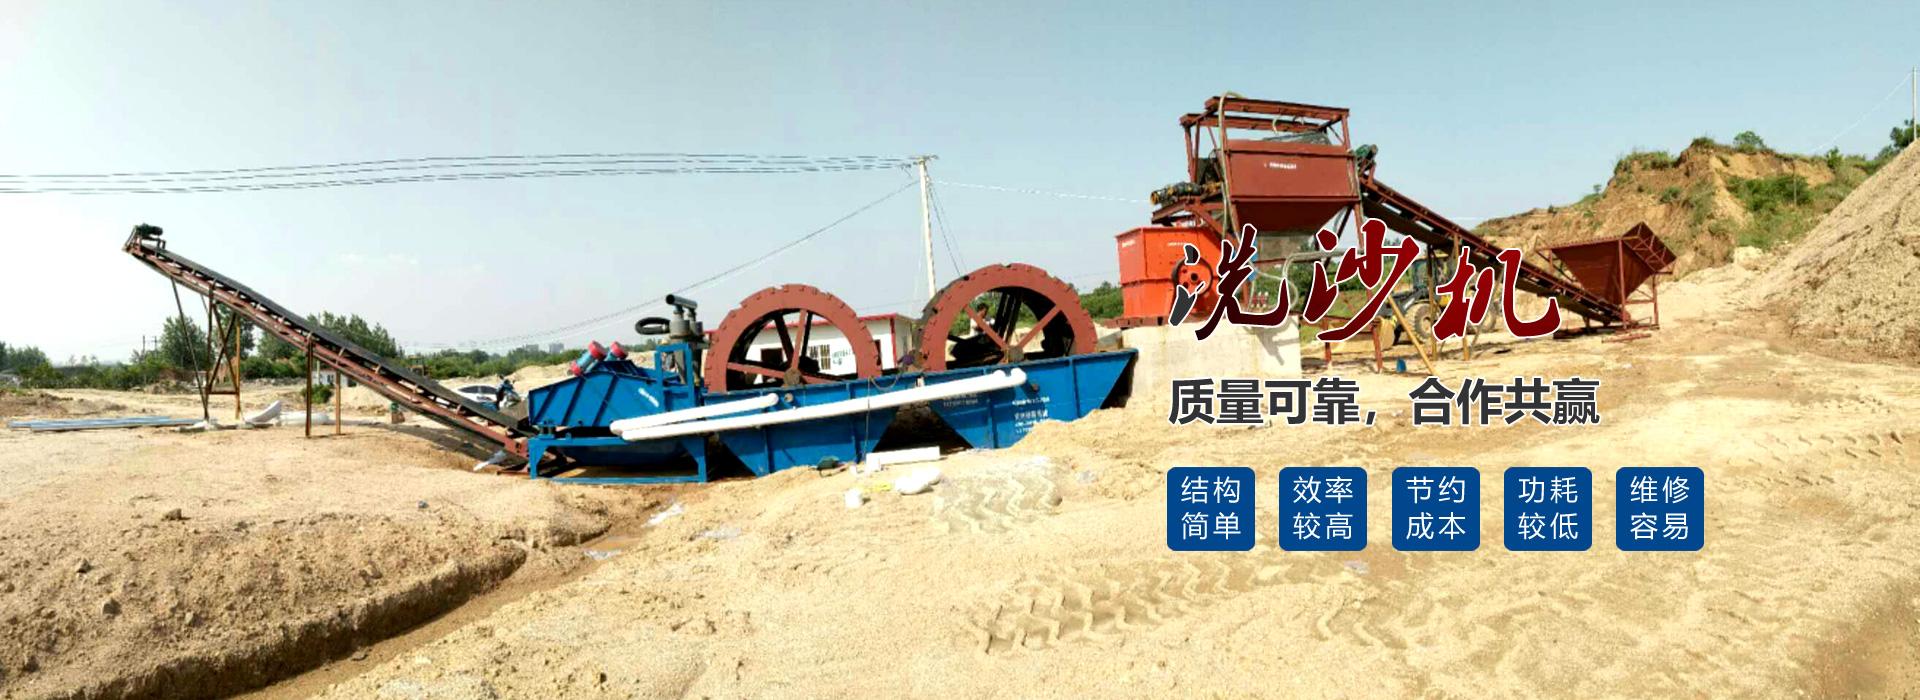 青州市扬帆机械设备制造有限公司